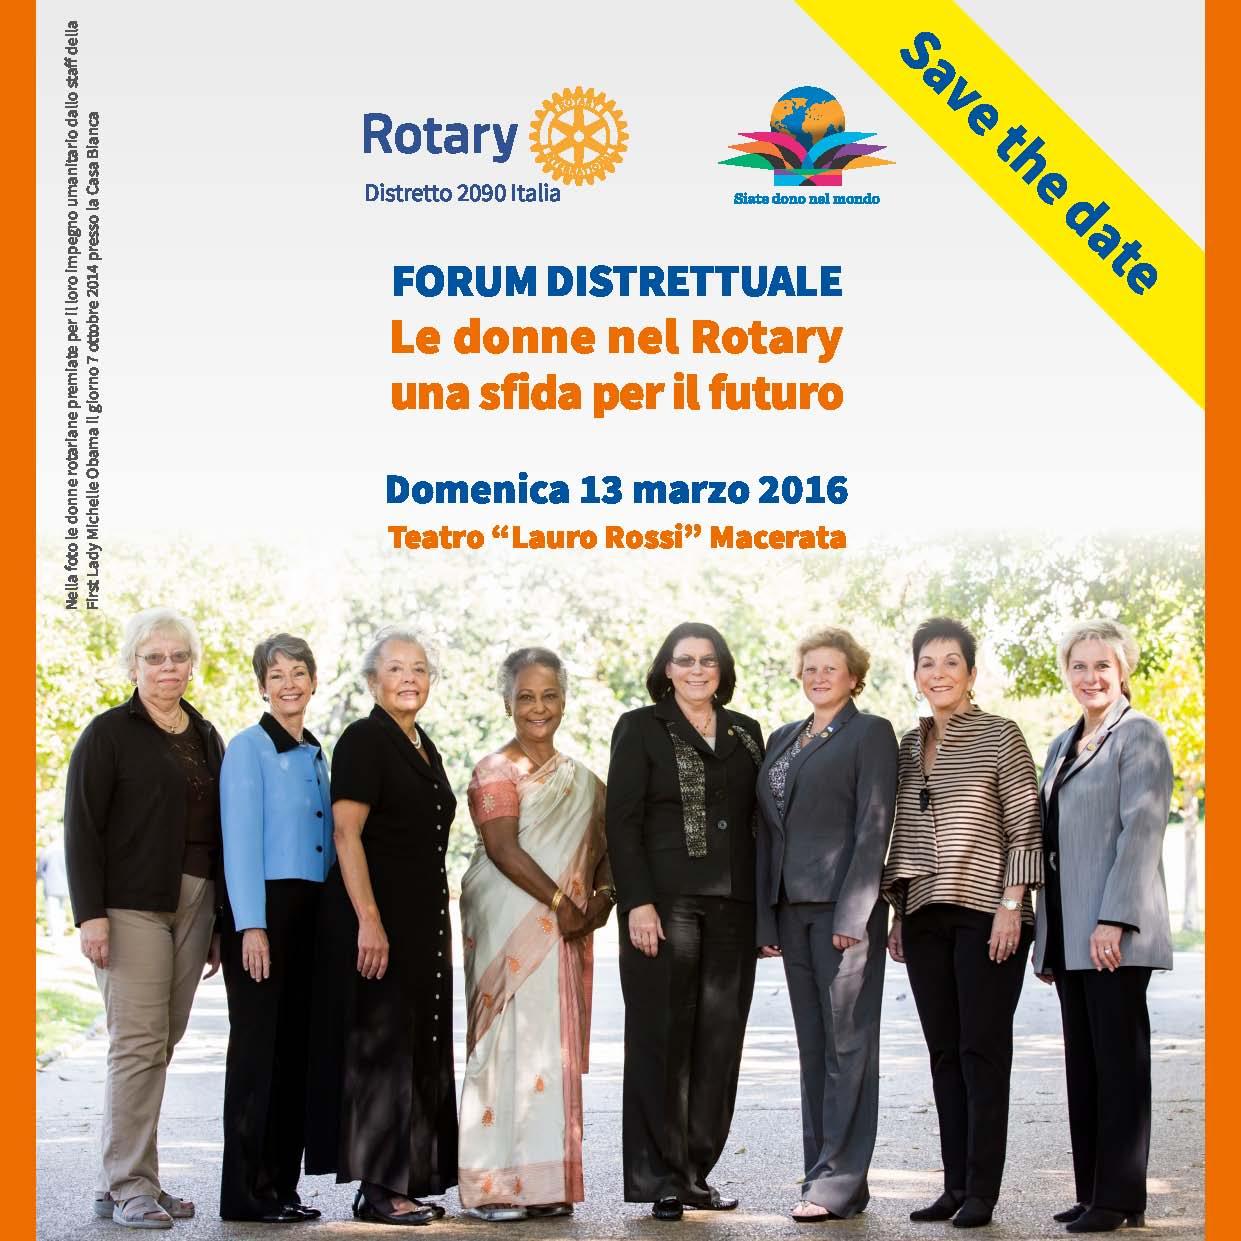 Miniatura per l'articolo intitolato:Forum Distrettuale: Le donne nel Rotary – Una sfida per il futuro